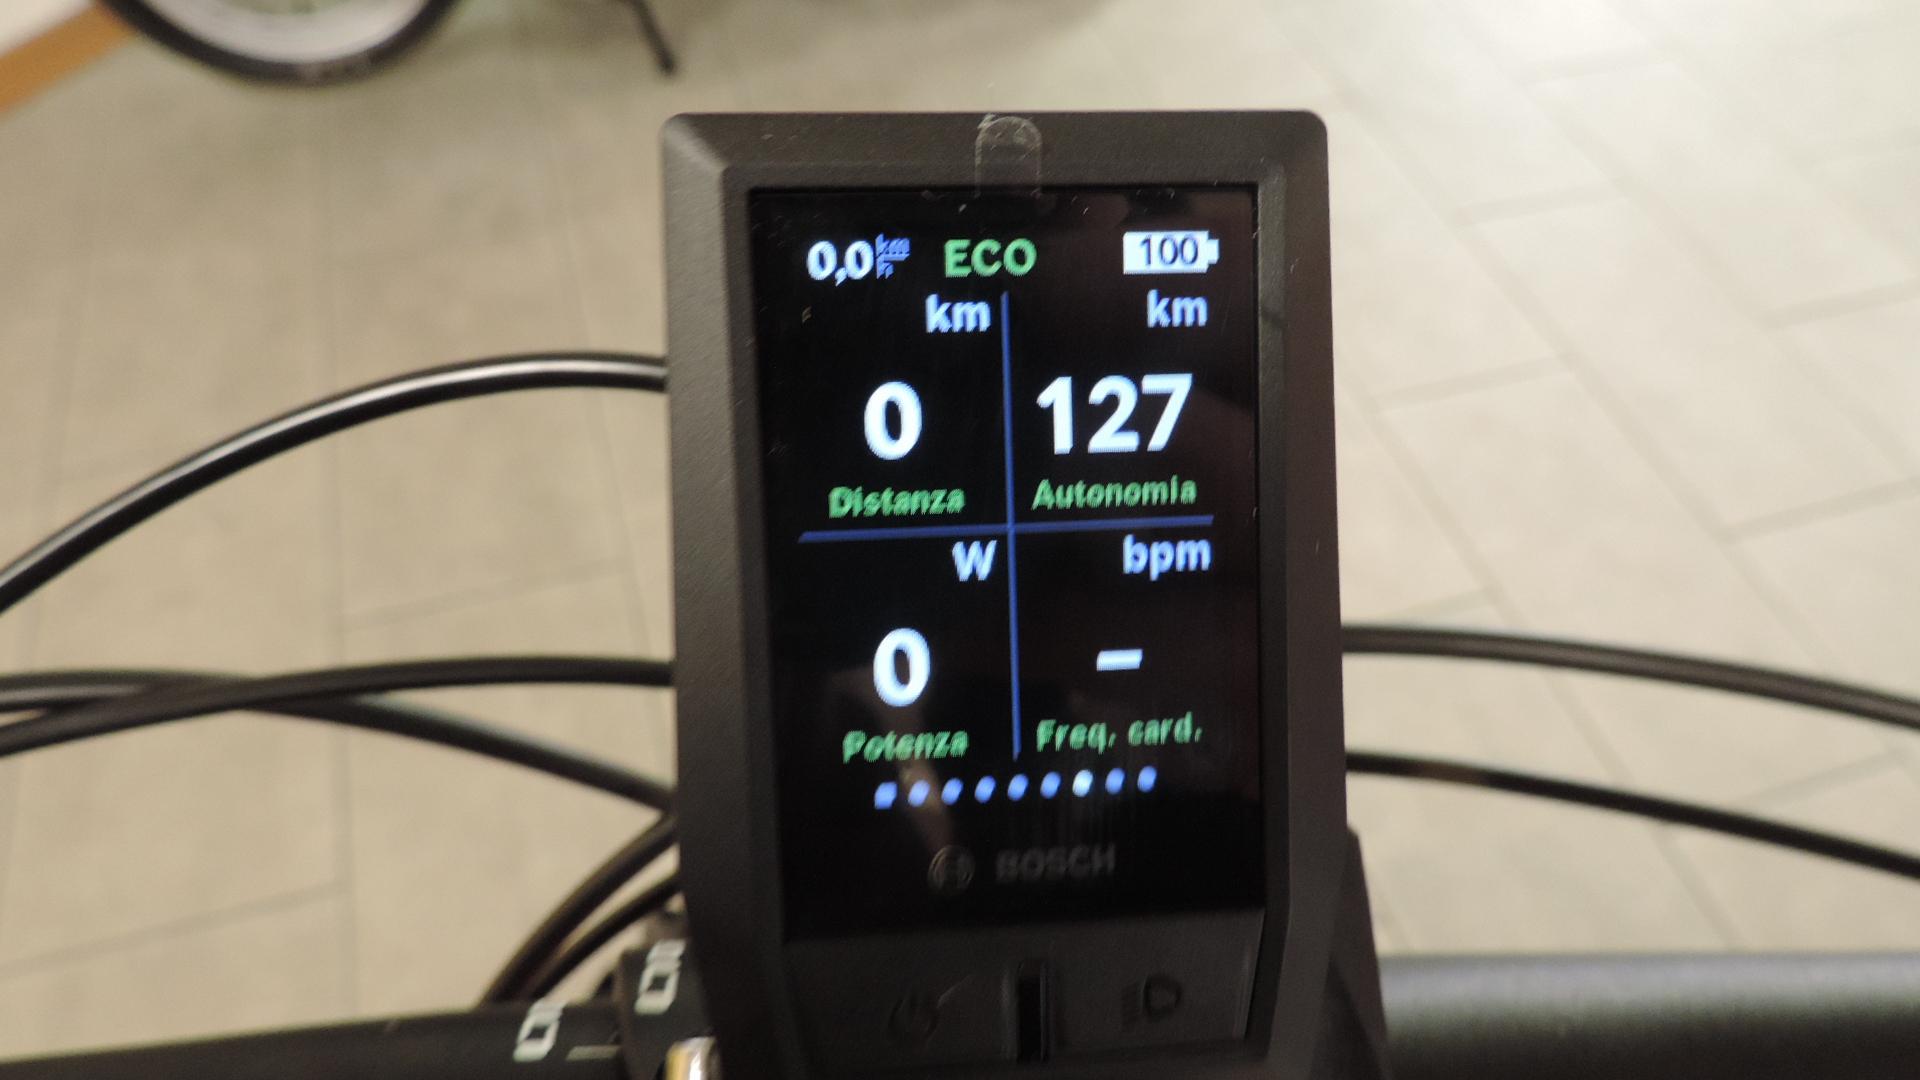 settima scherma computer Kyox con distanza percorsa, autonomia in km (Range) potenza in Watt, freuqenza cardiaca